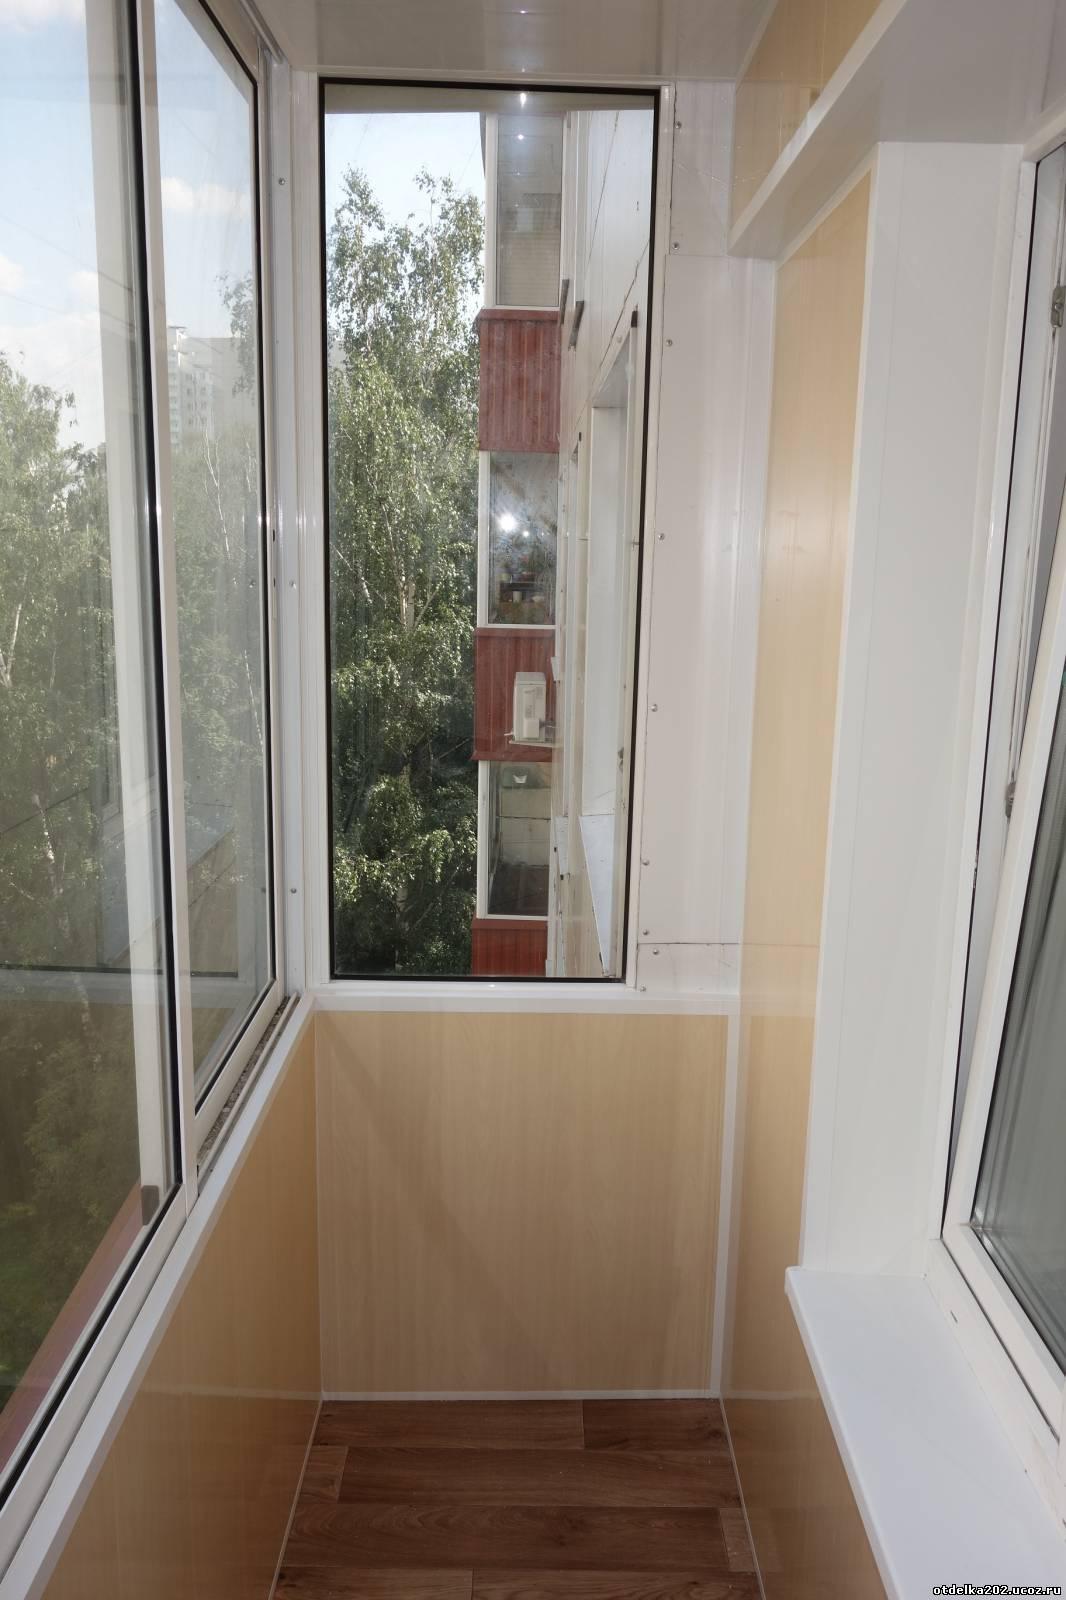 Остекление балкона в дождь. - мои статьи - каталог статей - .